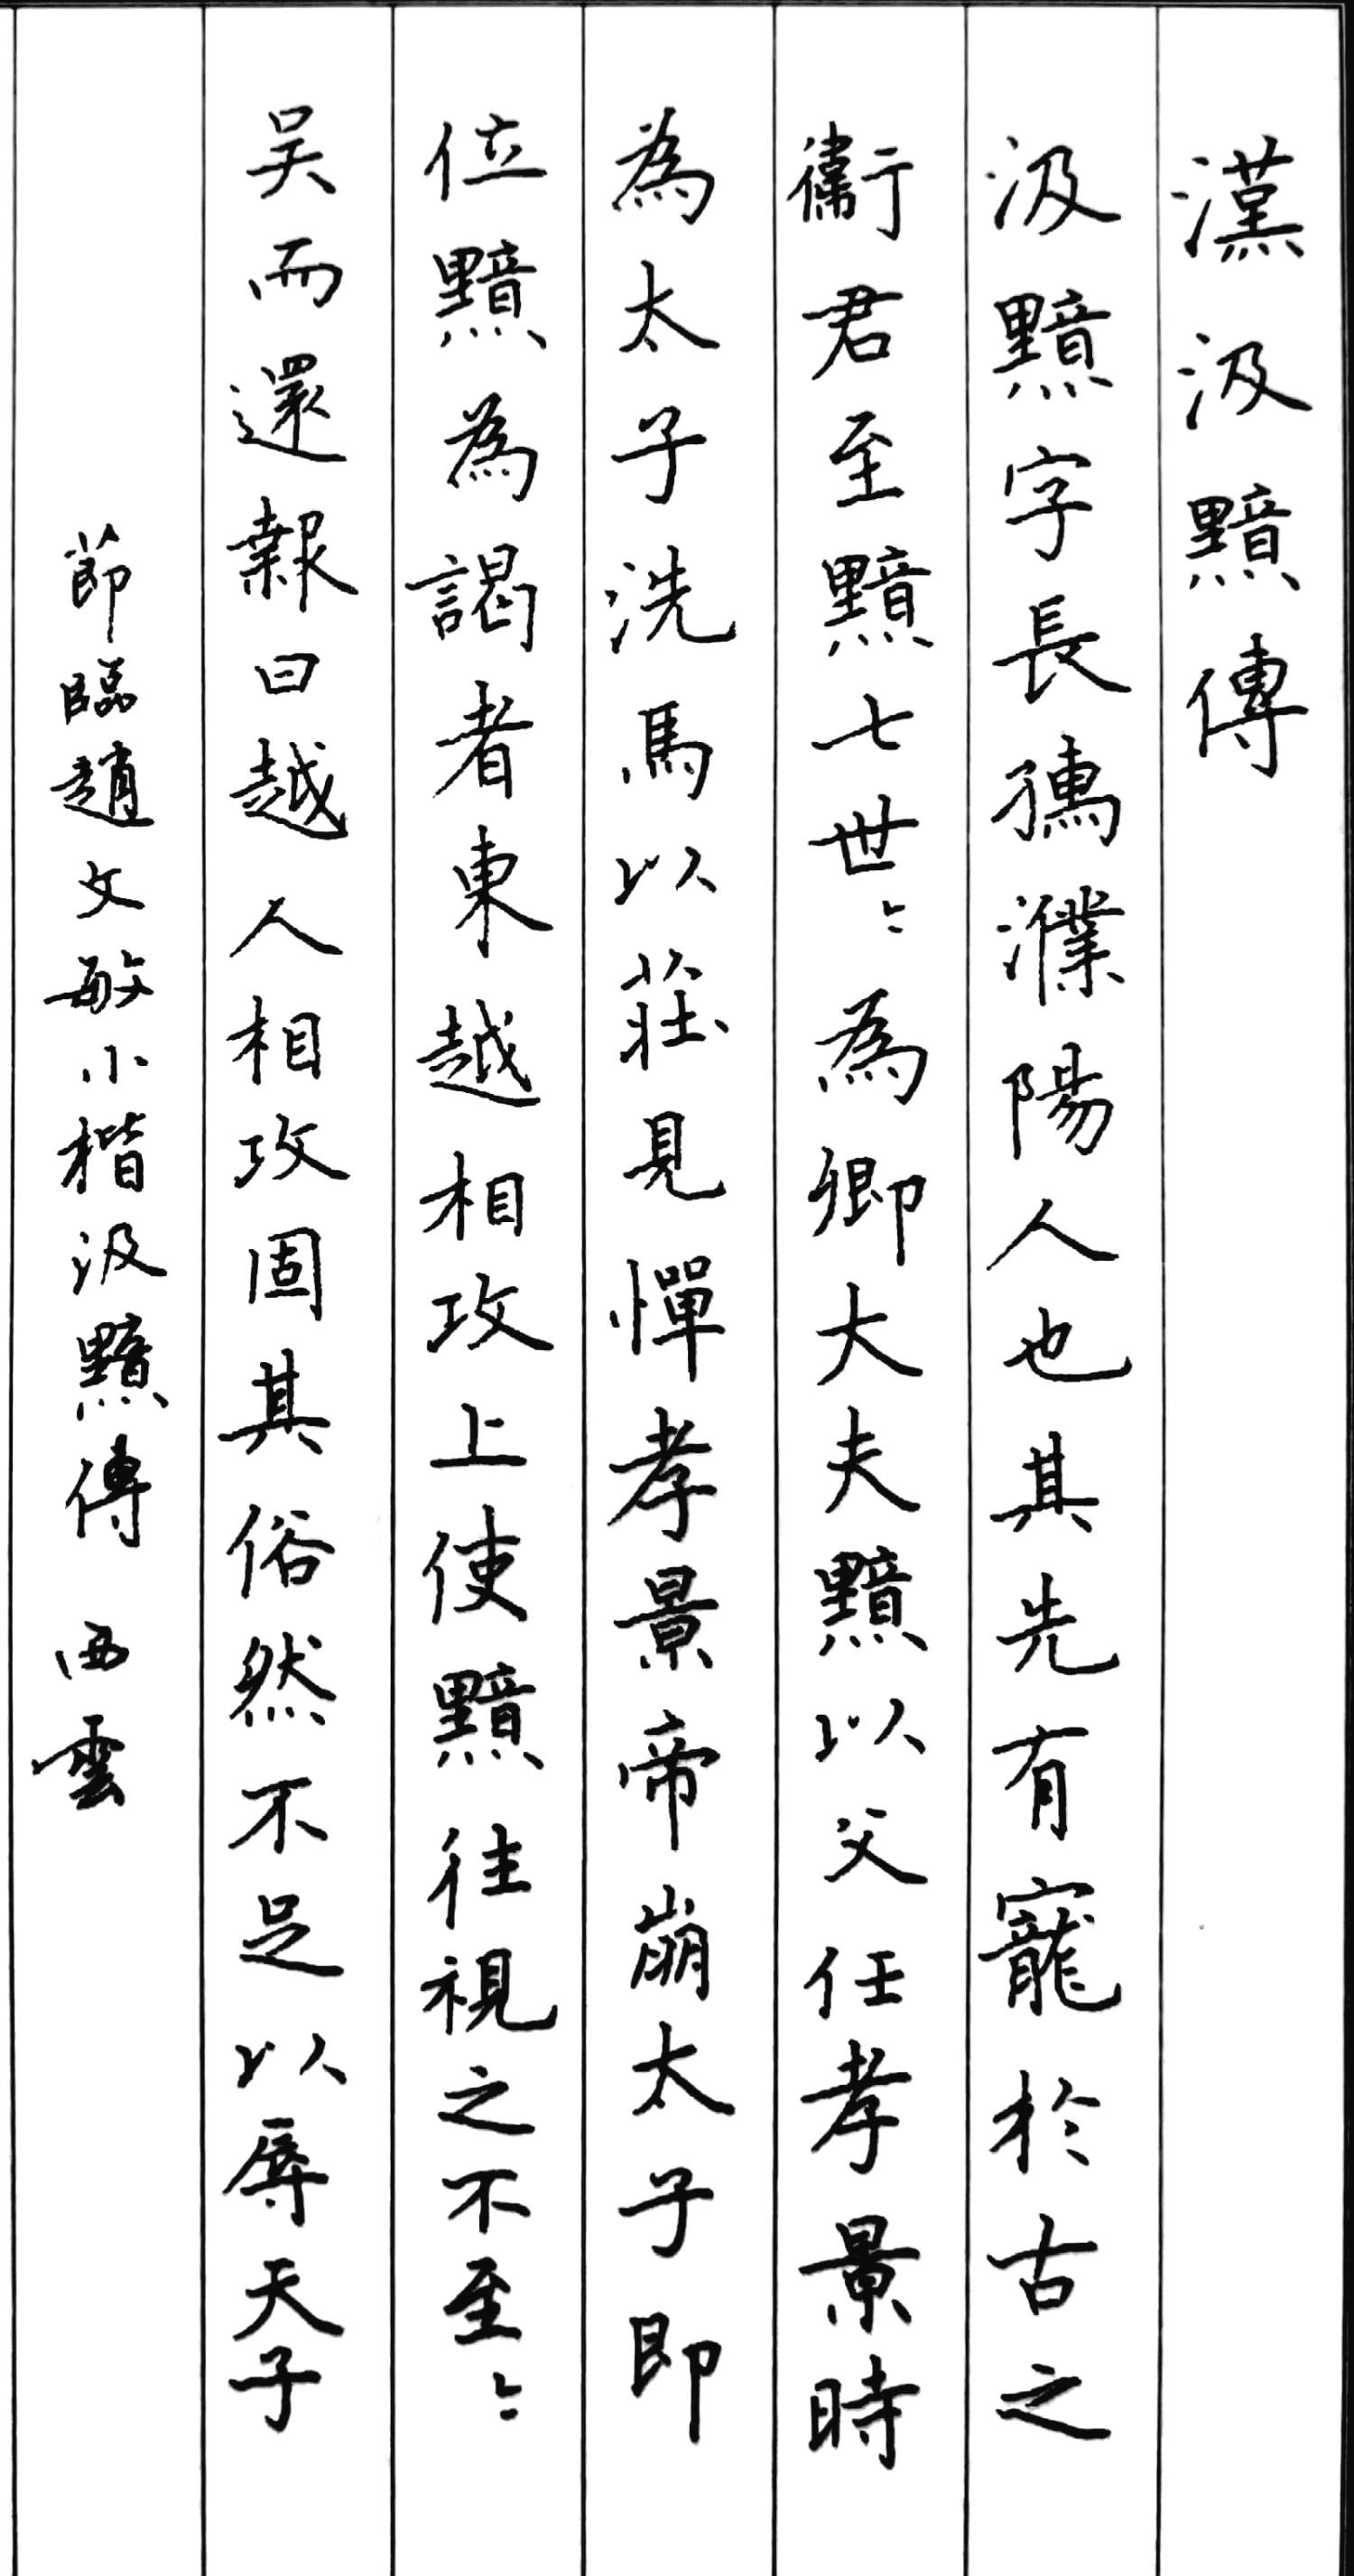 钢笔书法练字打卡20210615-22